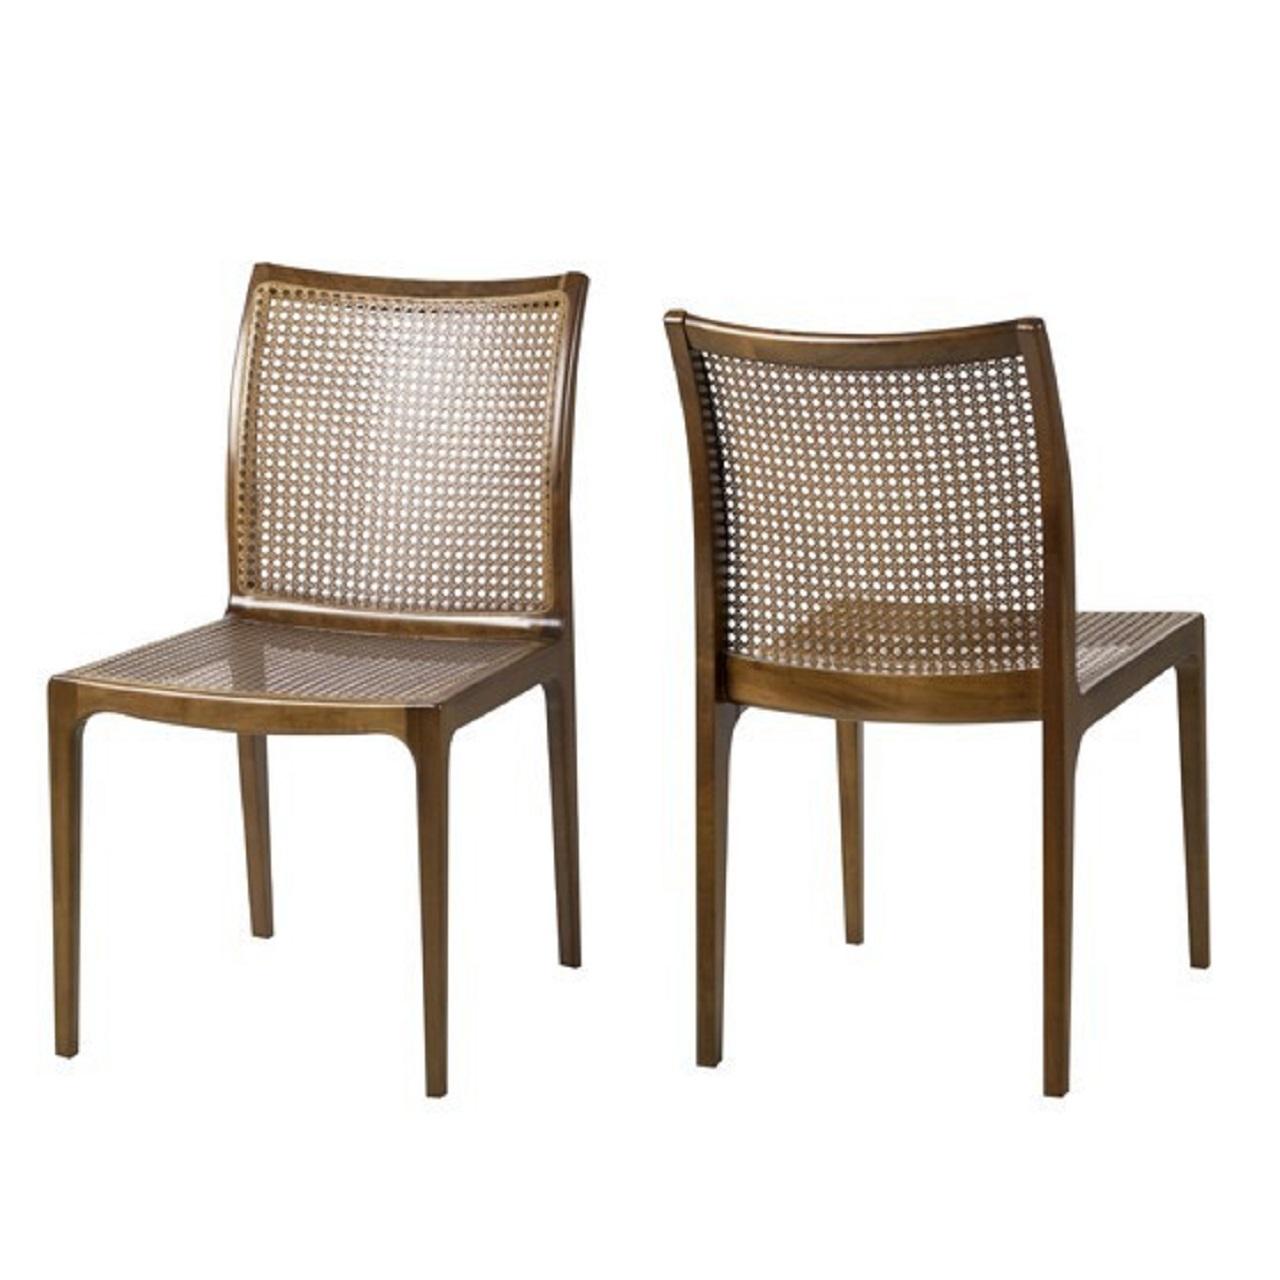 Cadeira Victoria 05 | Cane Fosco